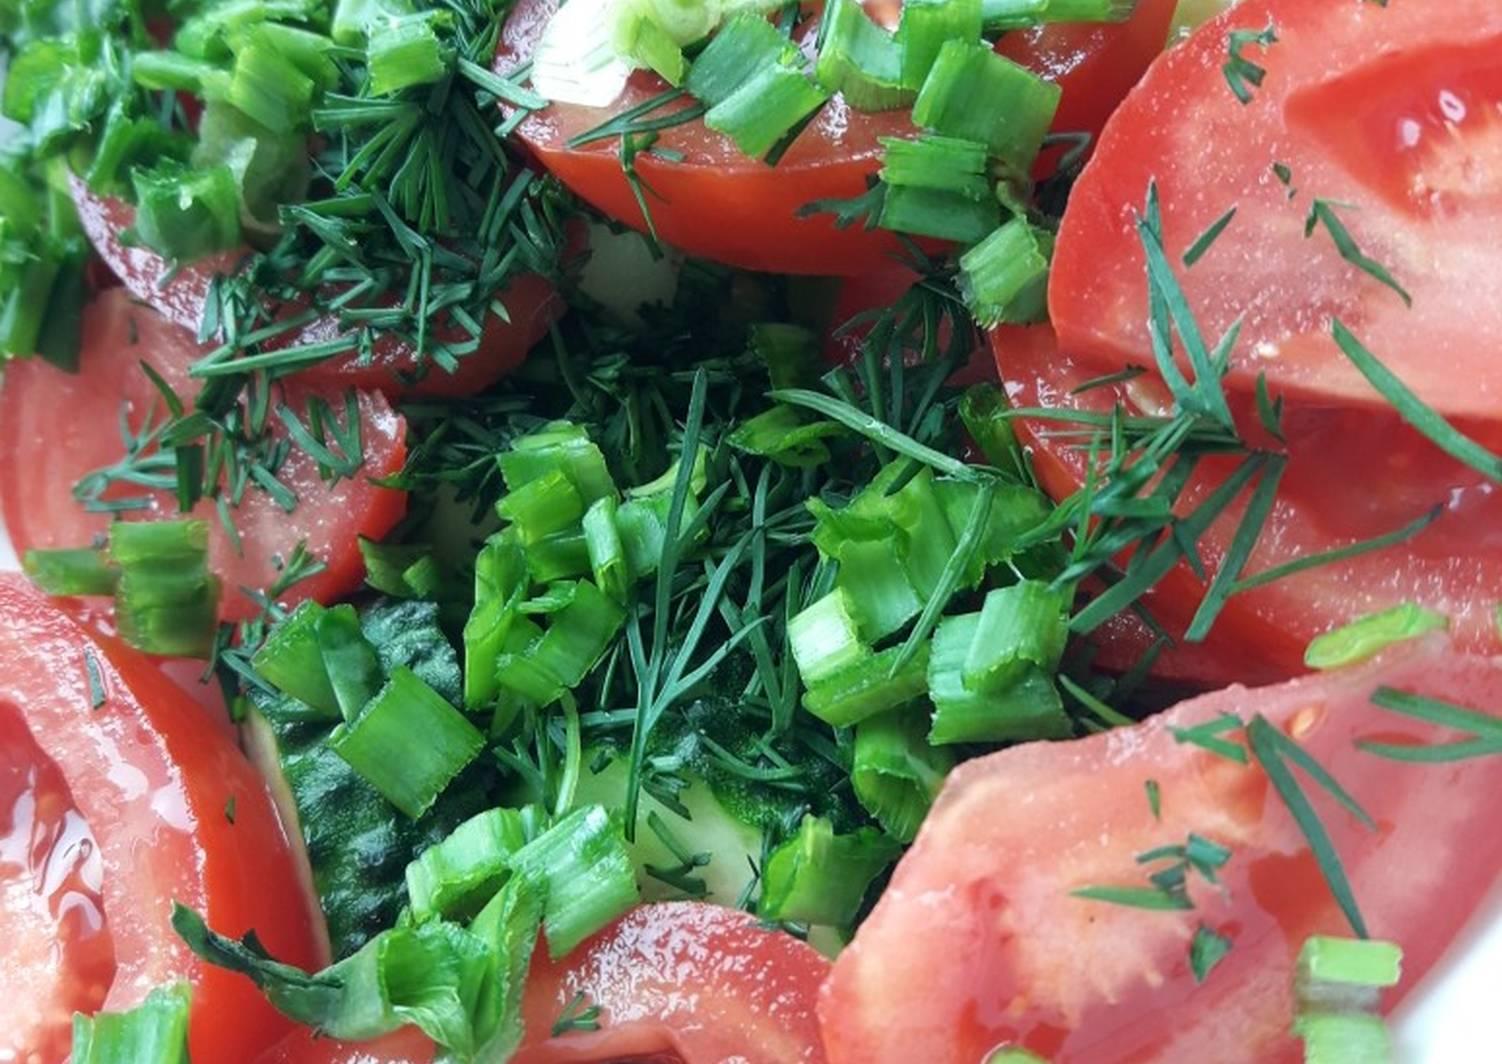 картинка салата из помидоров и огурцов с майонезом может показаться